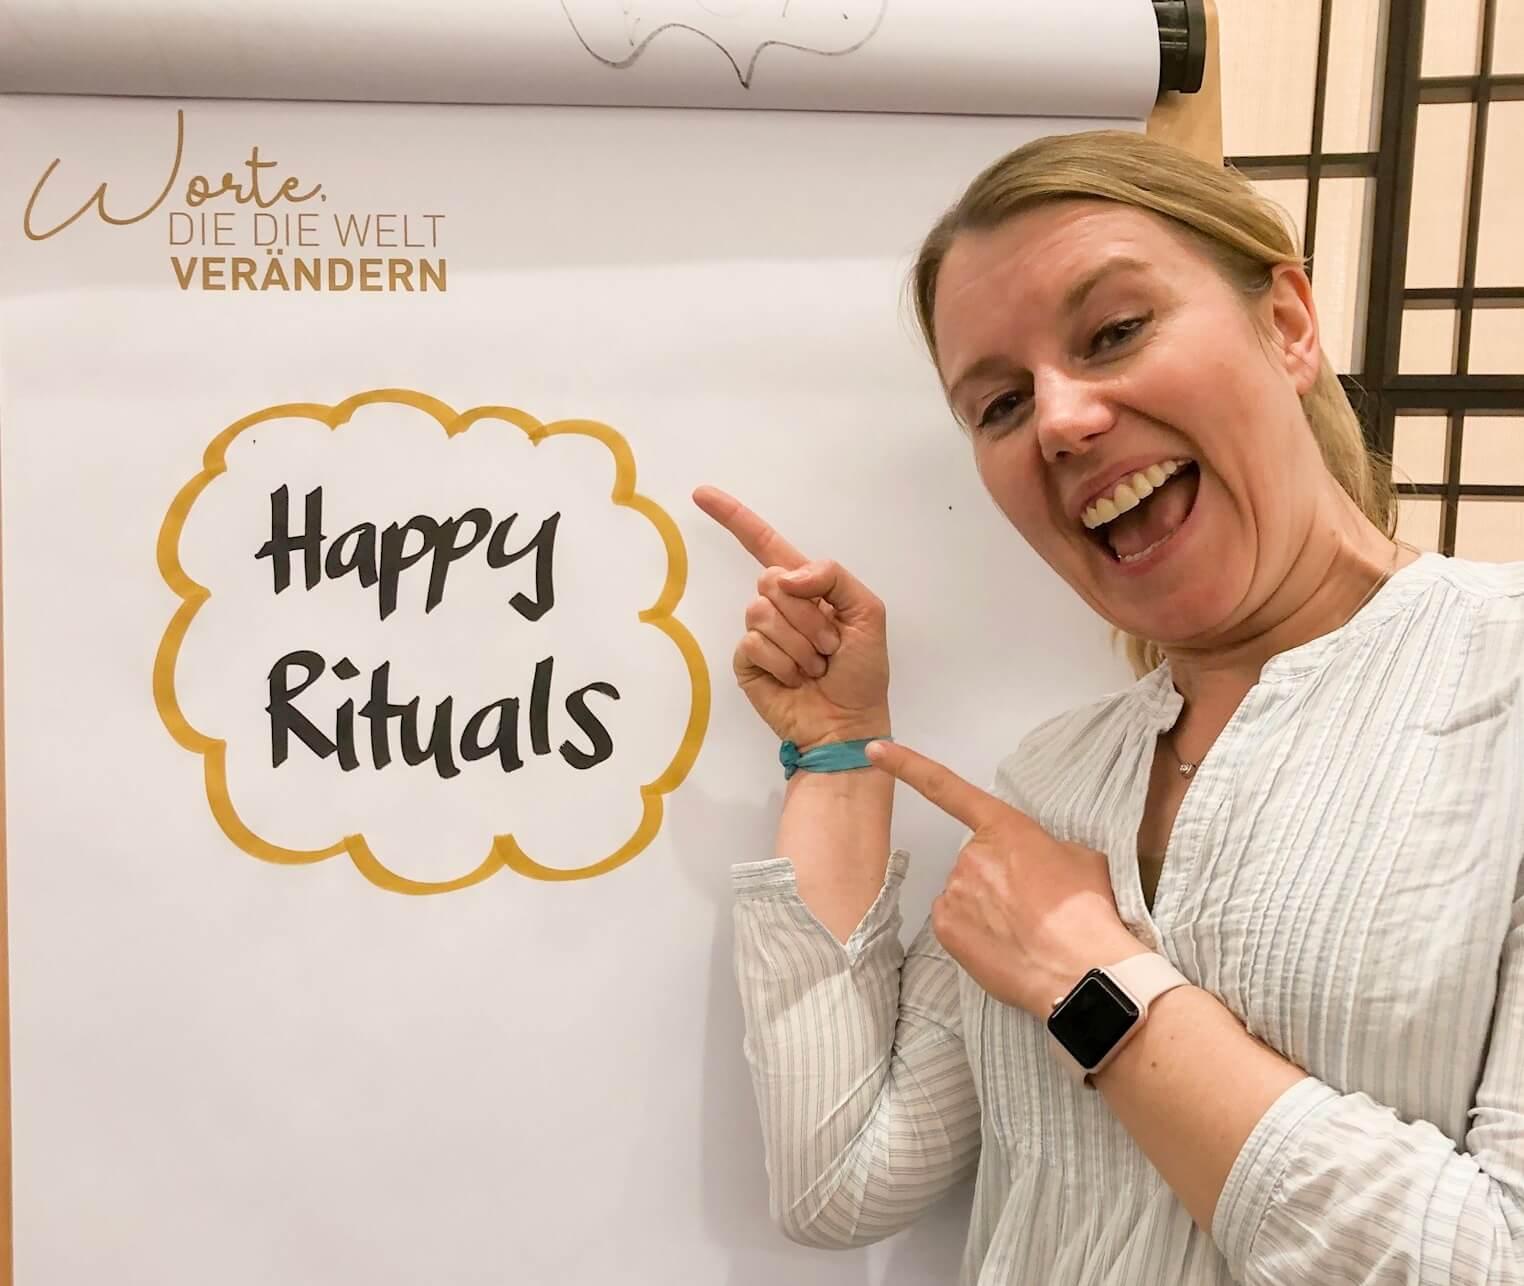 Christin-Kunze-happy-rituals-es-passiert-so-viel-im-Hintergrund